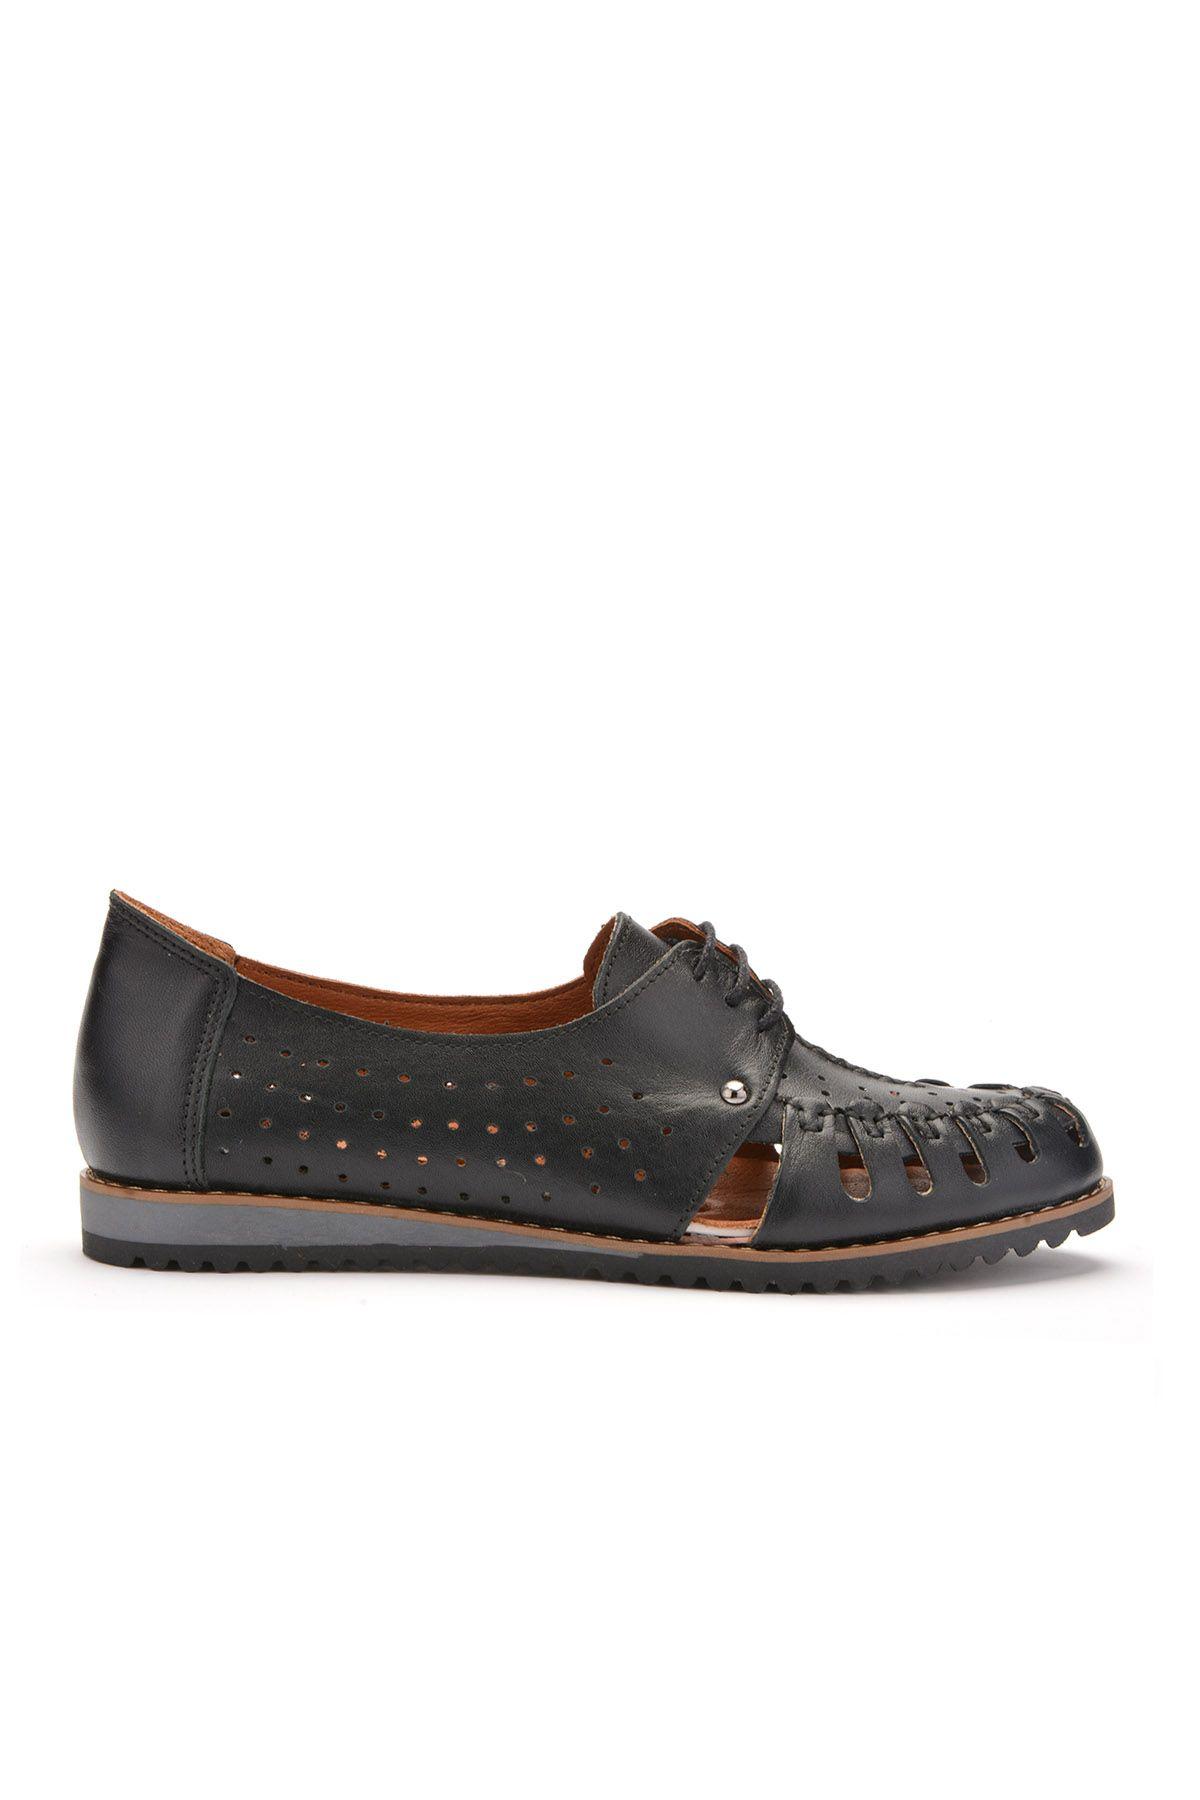 Pegia Hakiki Deri Bağcıklı Bayan Ayakkabı REC-123 Siyah